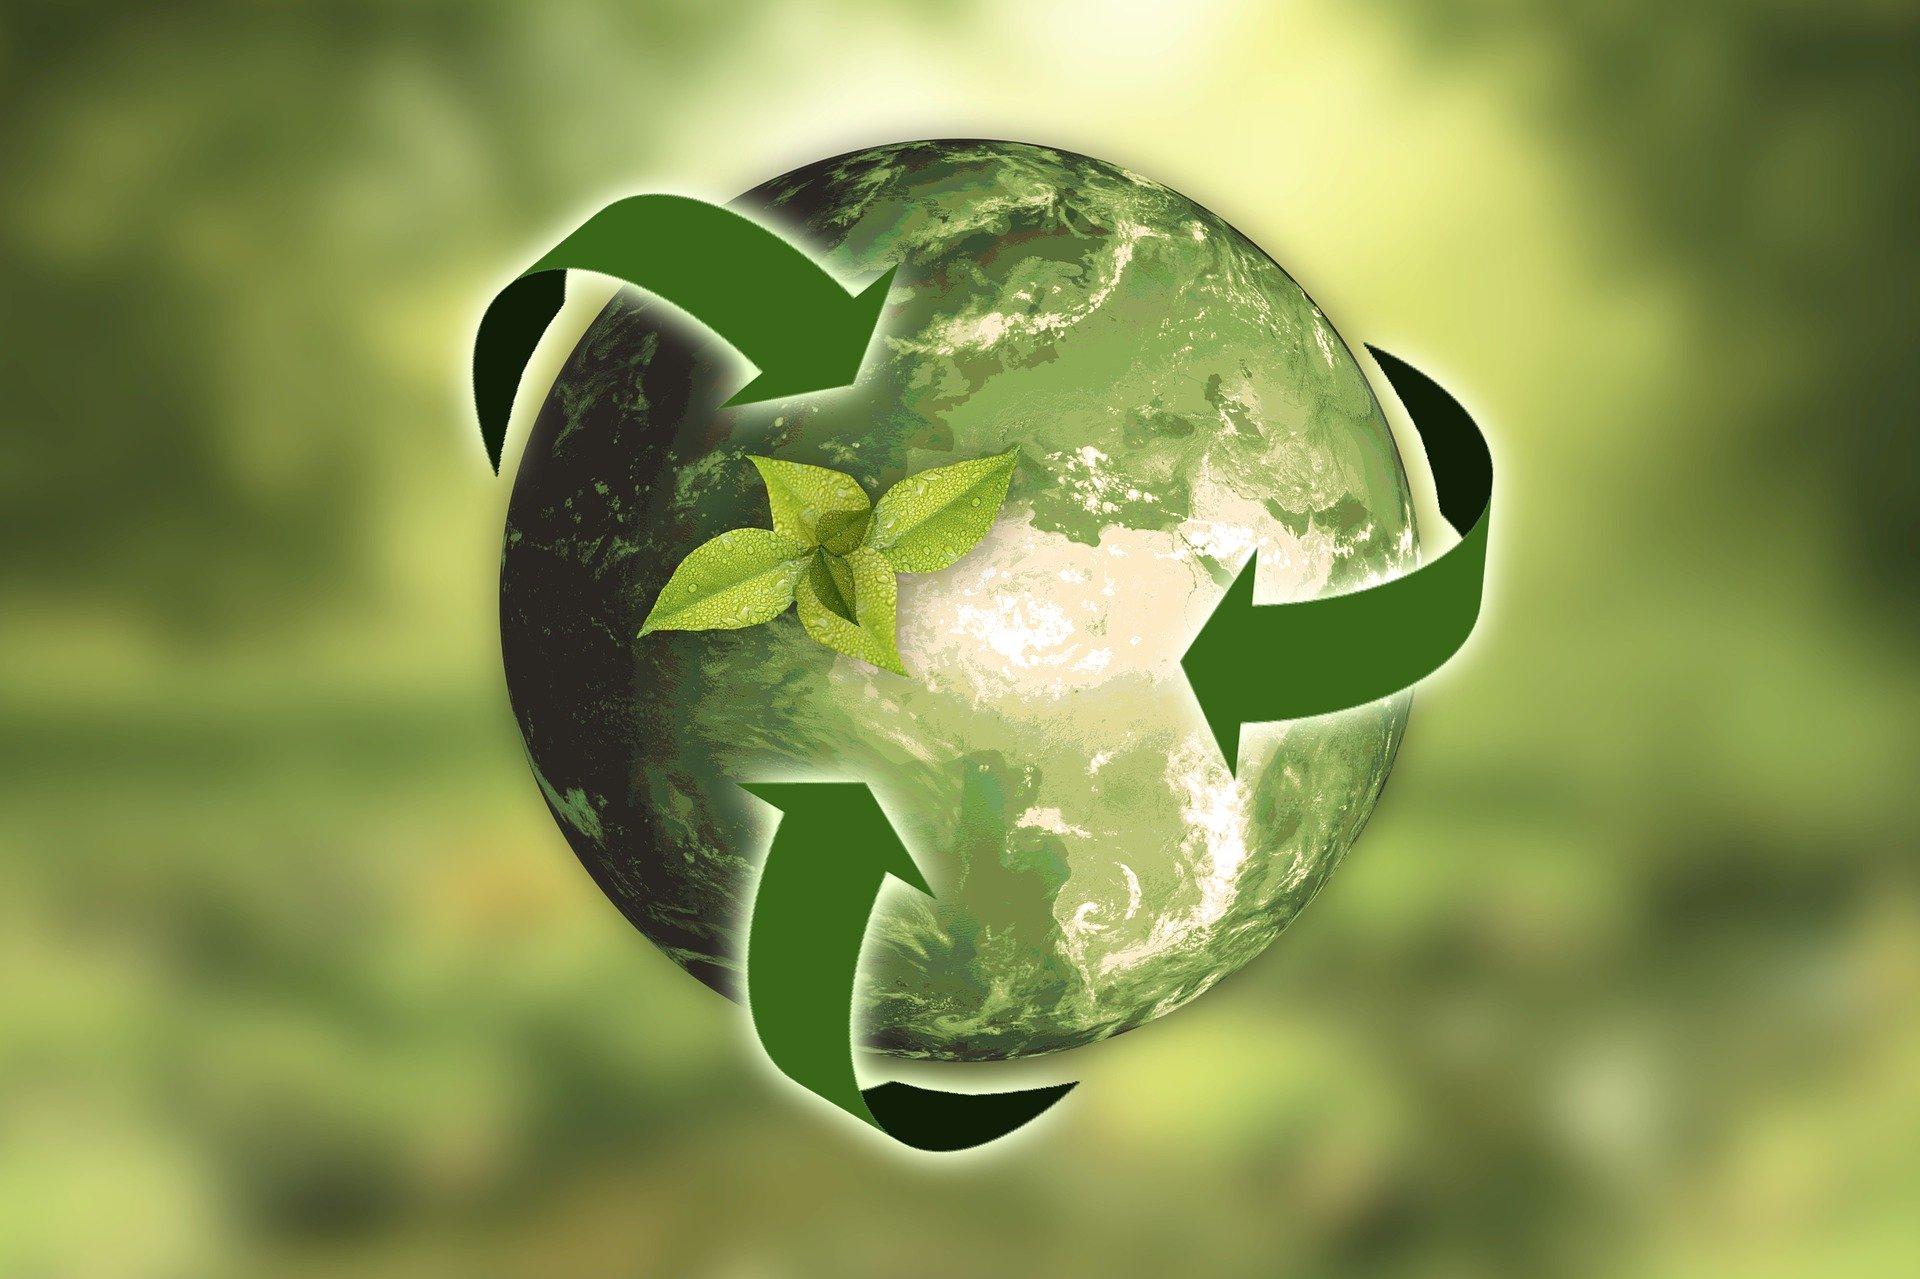 Sustentabilidade Limeira